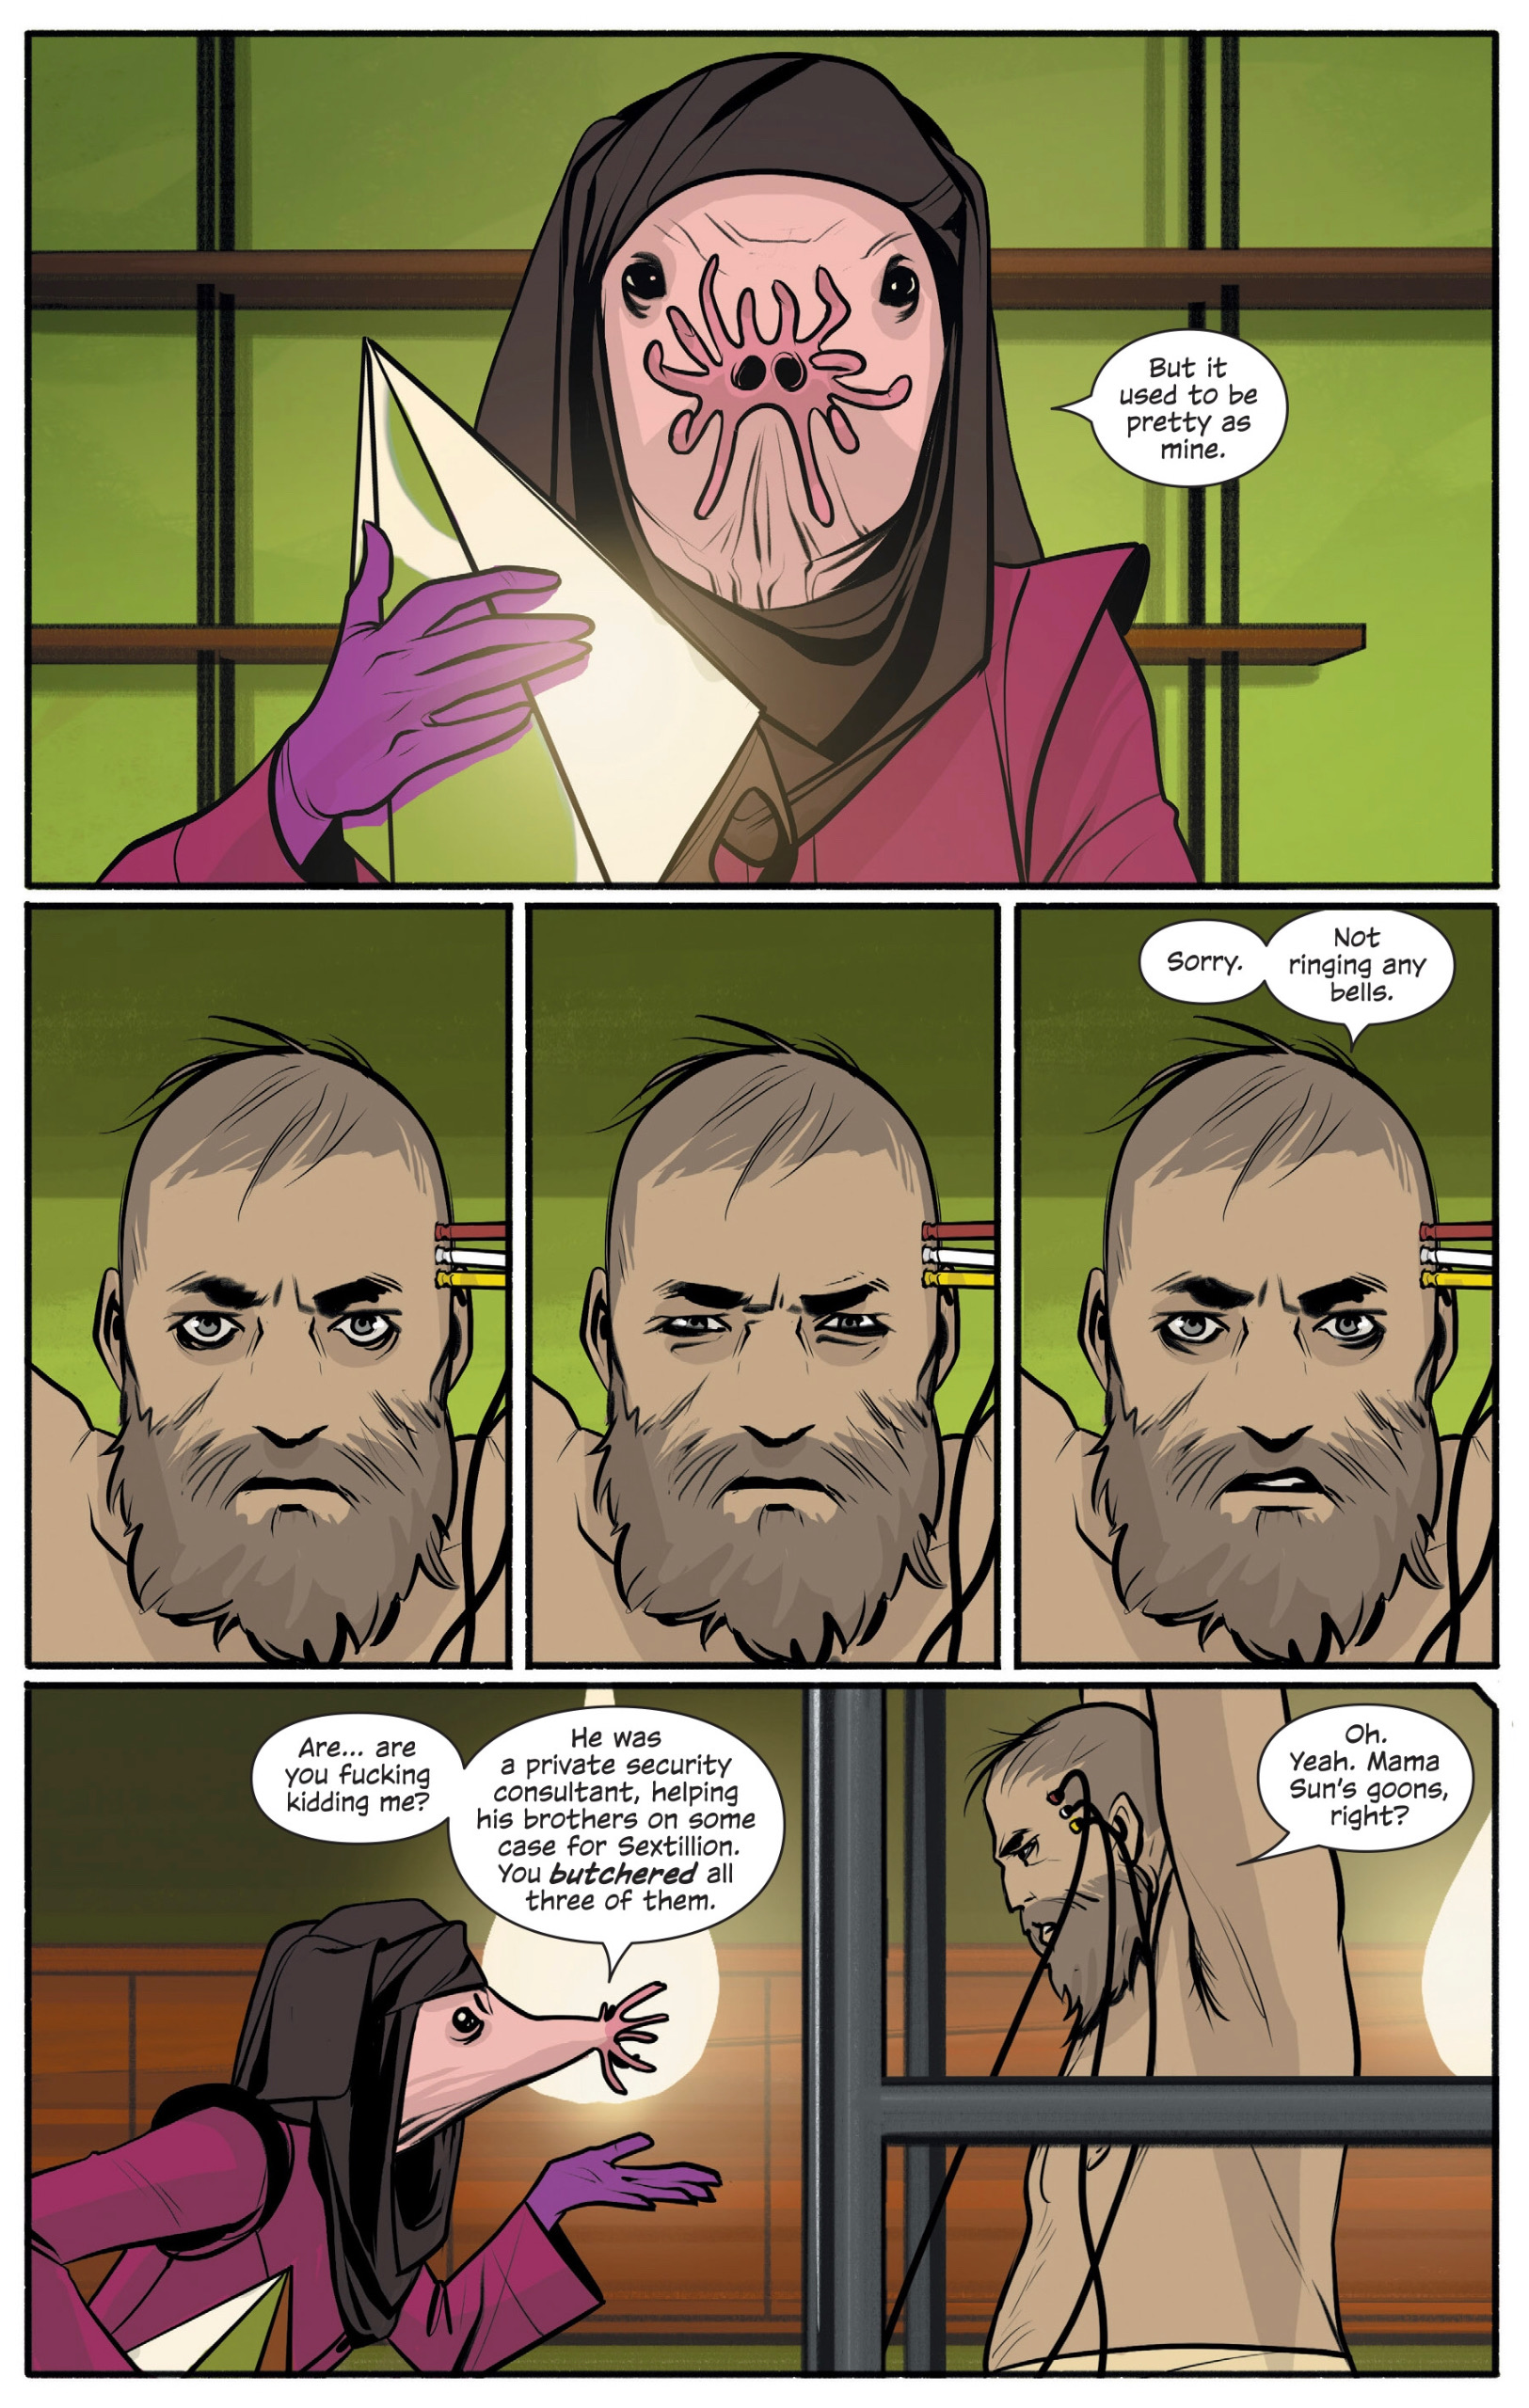 Saga #47 Art 3.jpeg